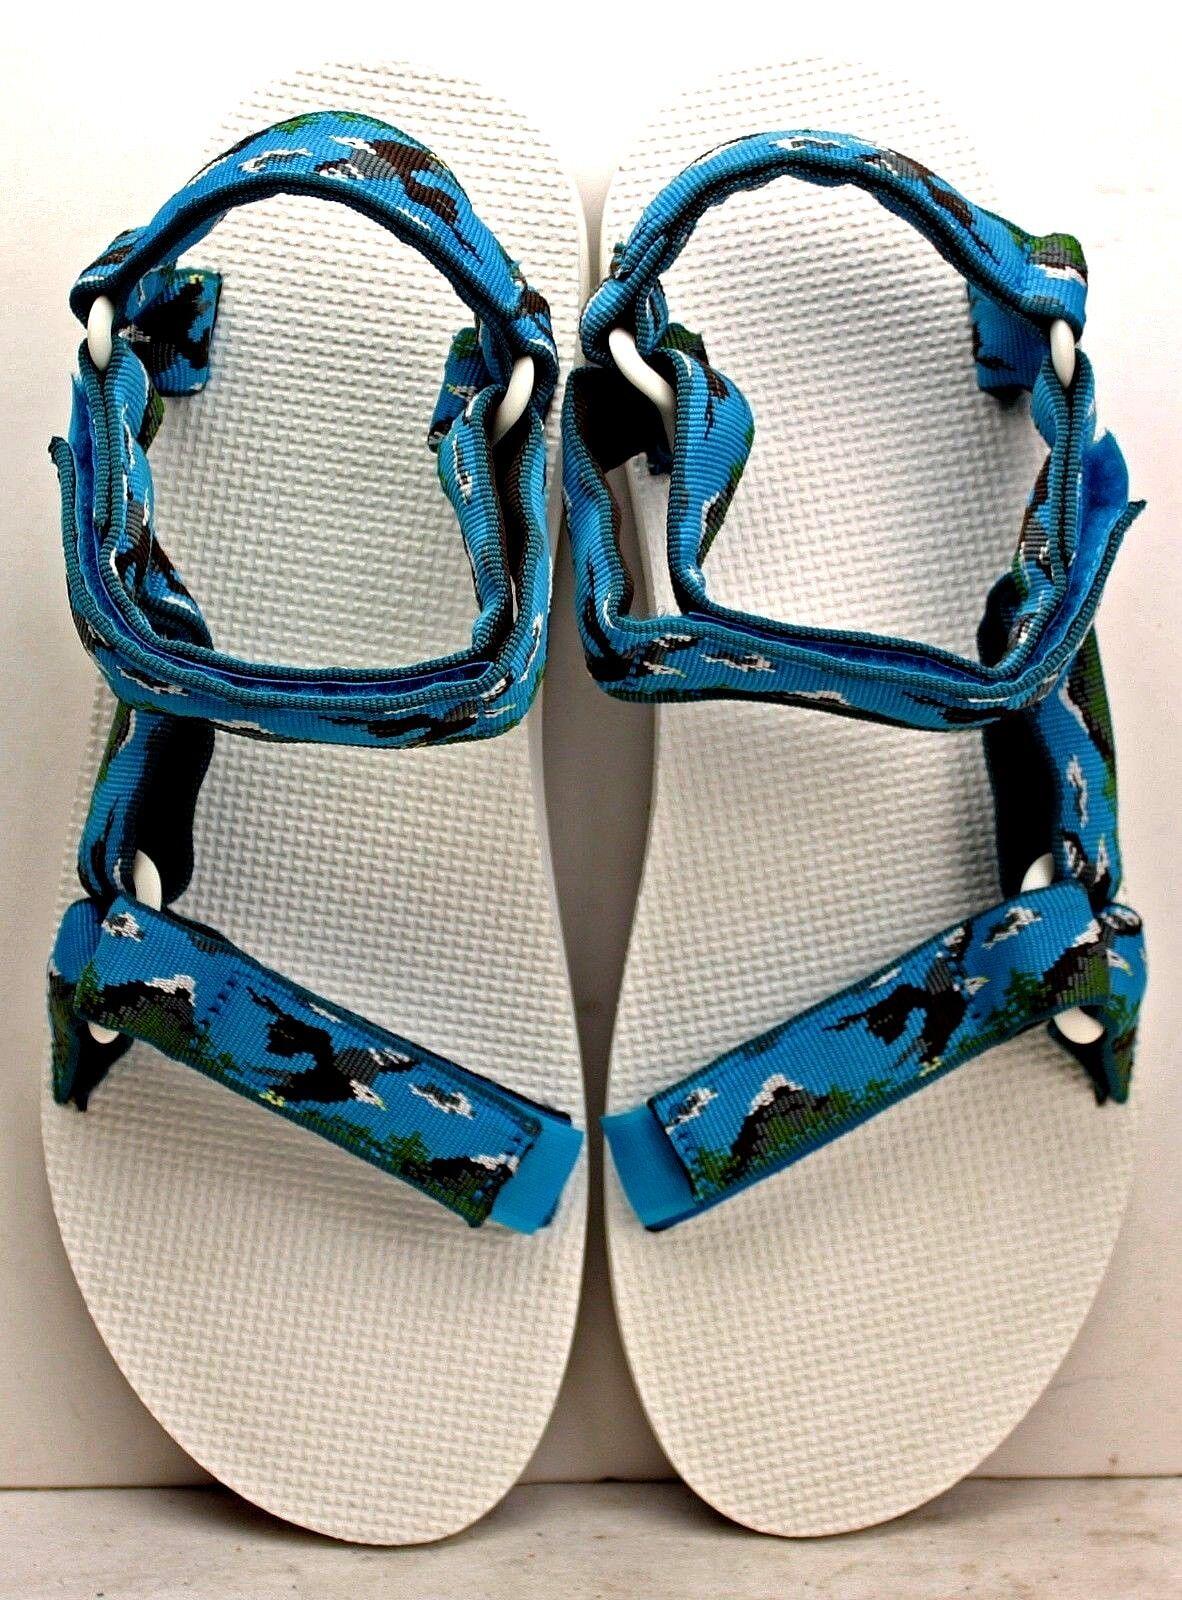 TEVA Mens Sport Sandals sz 12 M Original Universal - Choose Color FW168 1